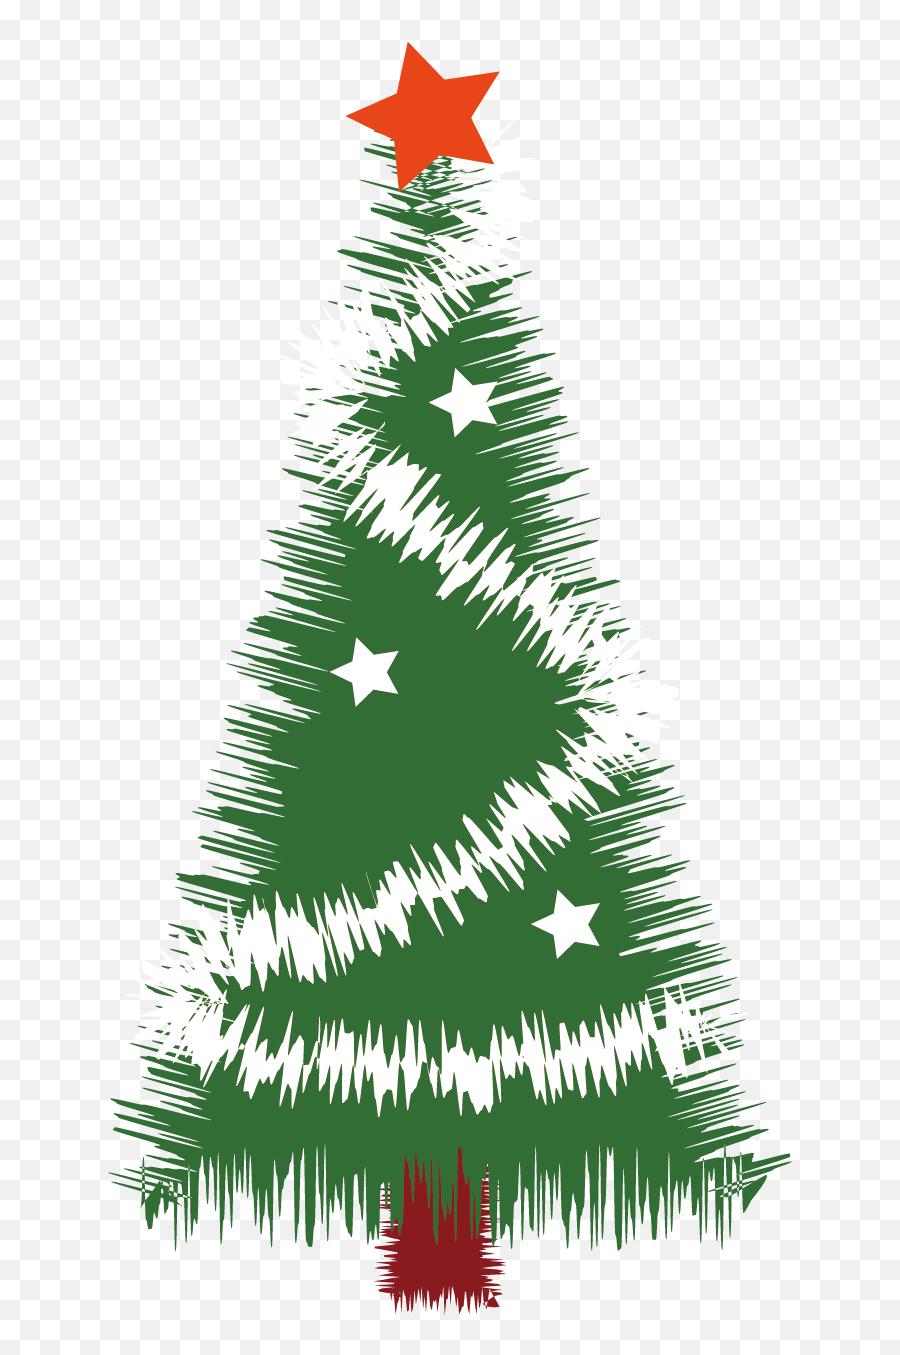 Christmas Tree Silhouette - Christmas Tree Vector Material Christmas Tree Png Silhouette Emoji,Christmas Tree Emojis